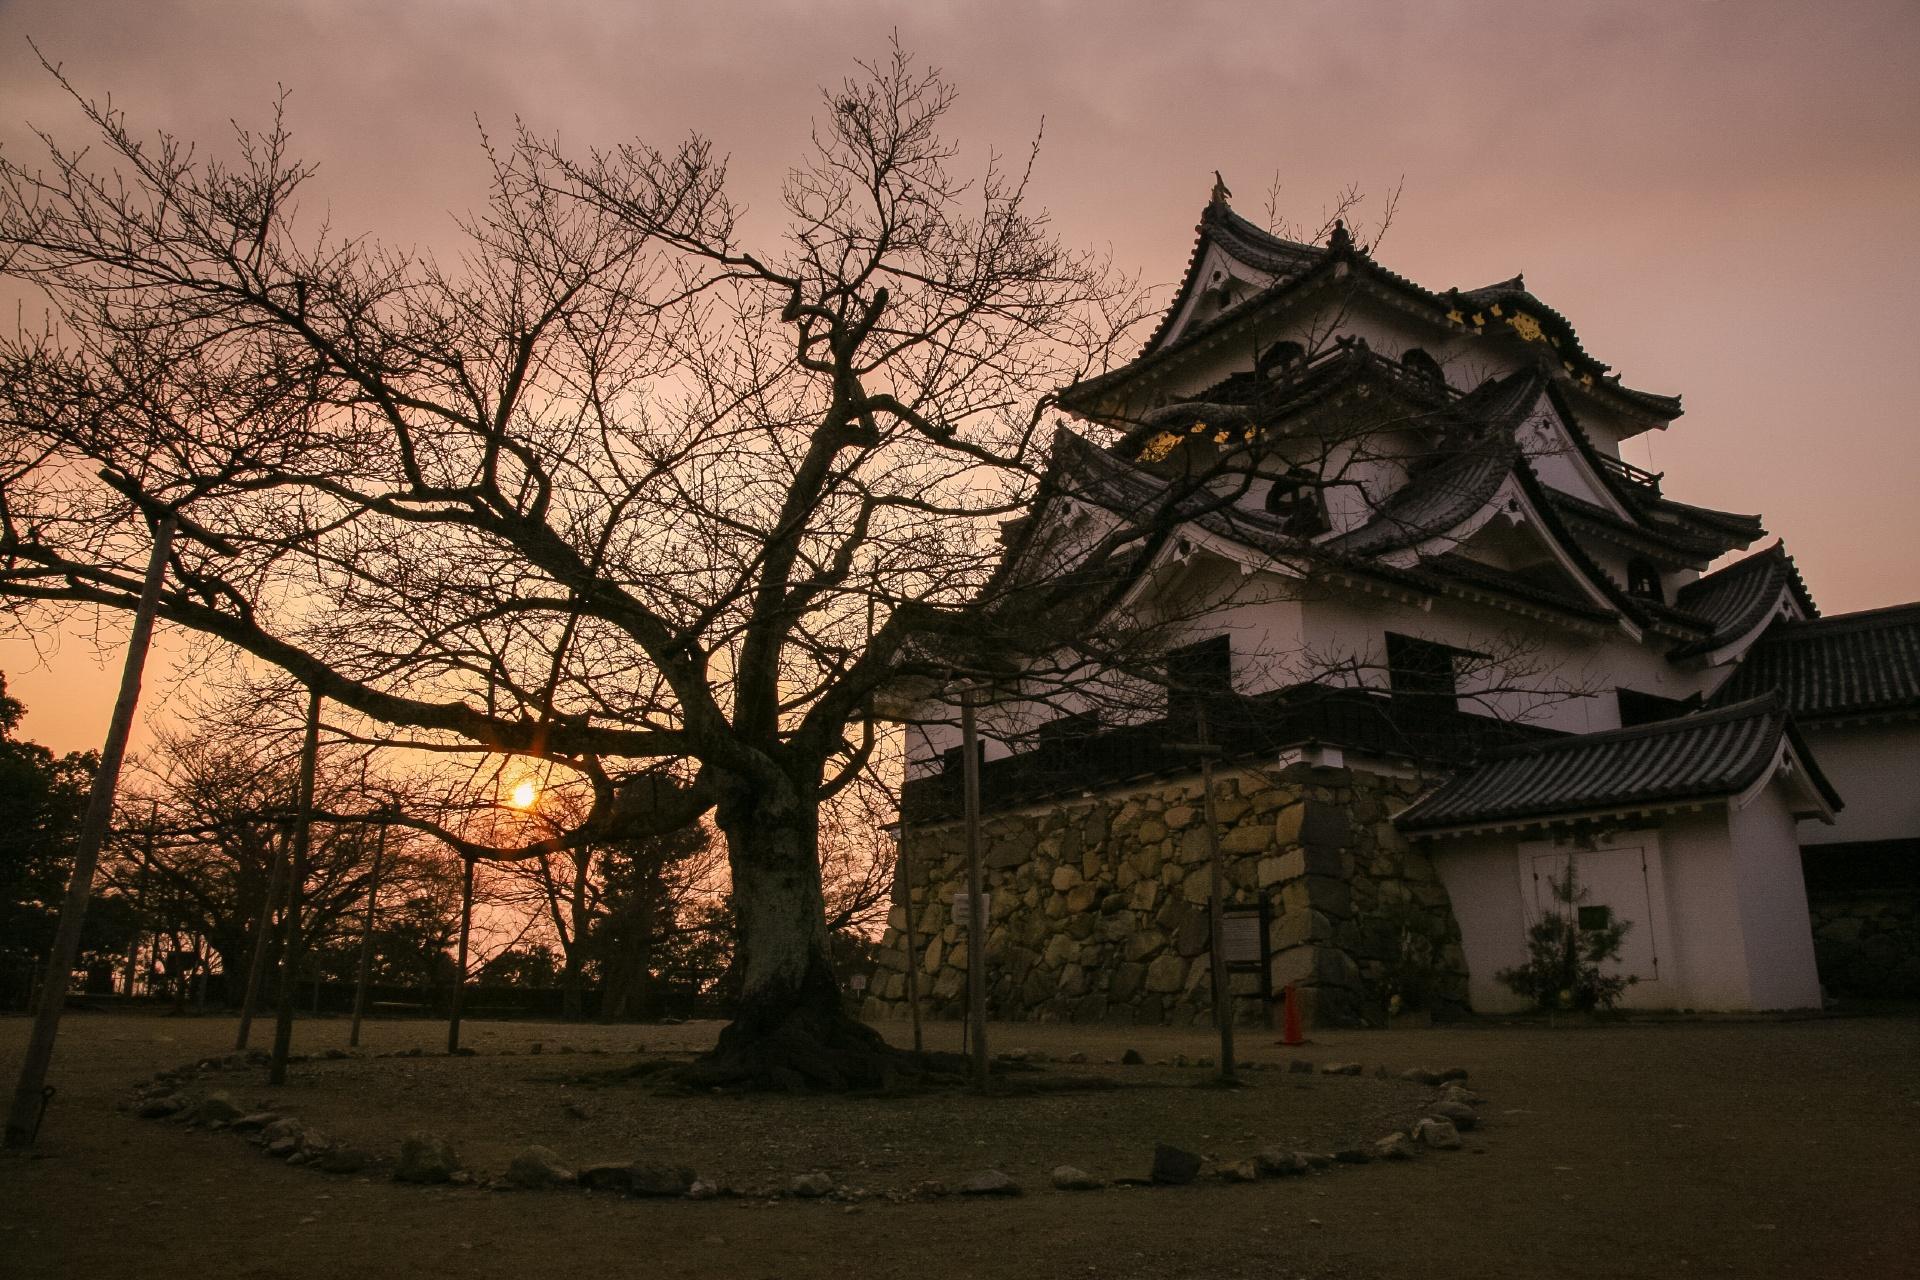 冬の夕暮れの彦根城 滋賀の風景